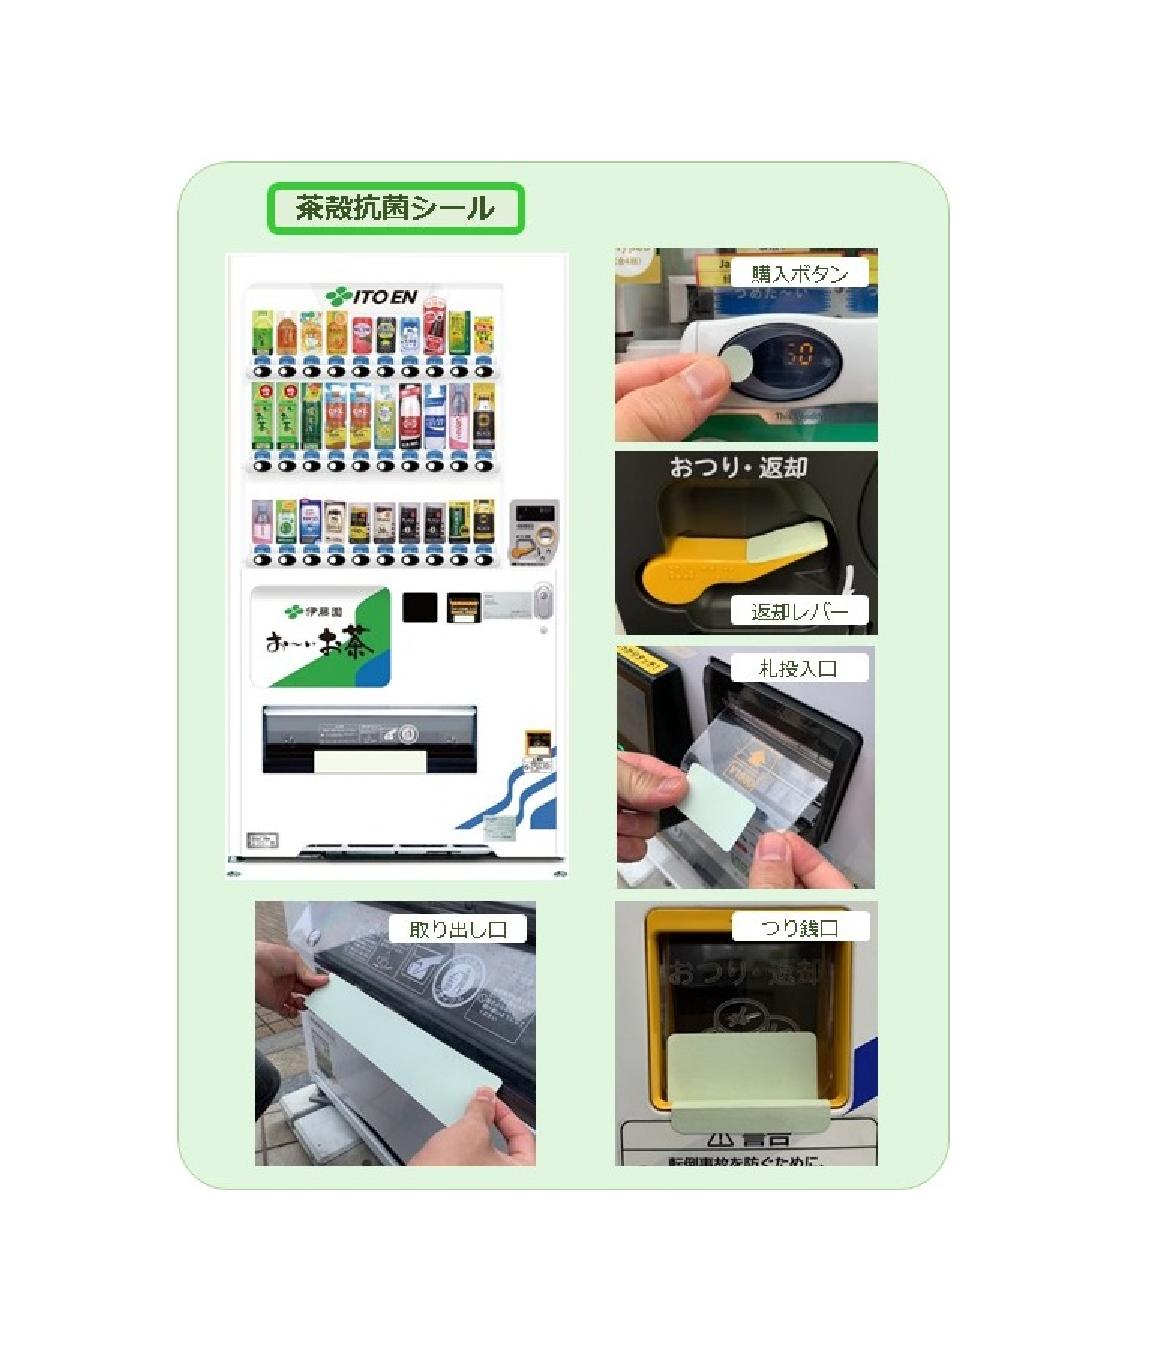 【自由テーマ】茶殻リサイクルシステム~茶殻を身近な製品へリサイクル~